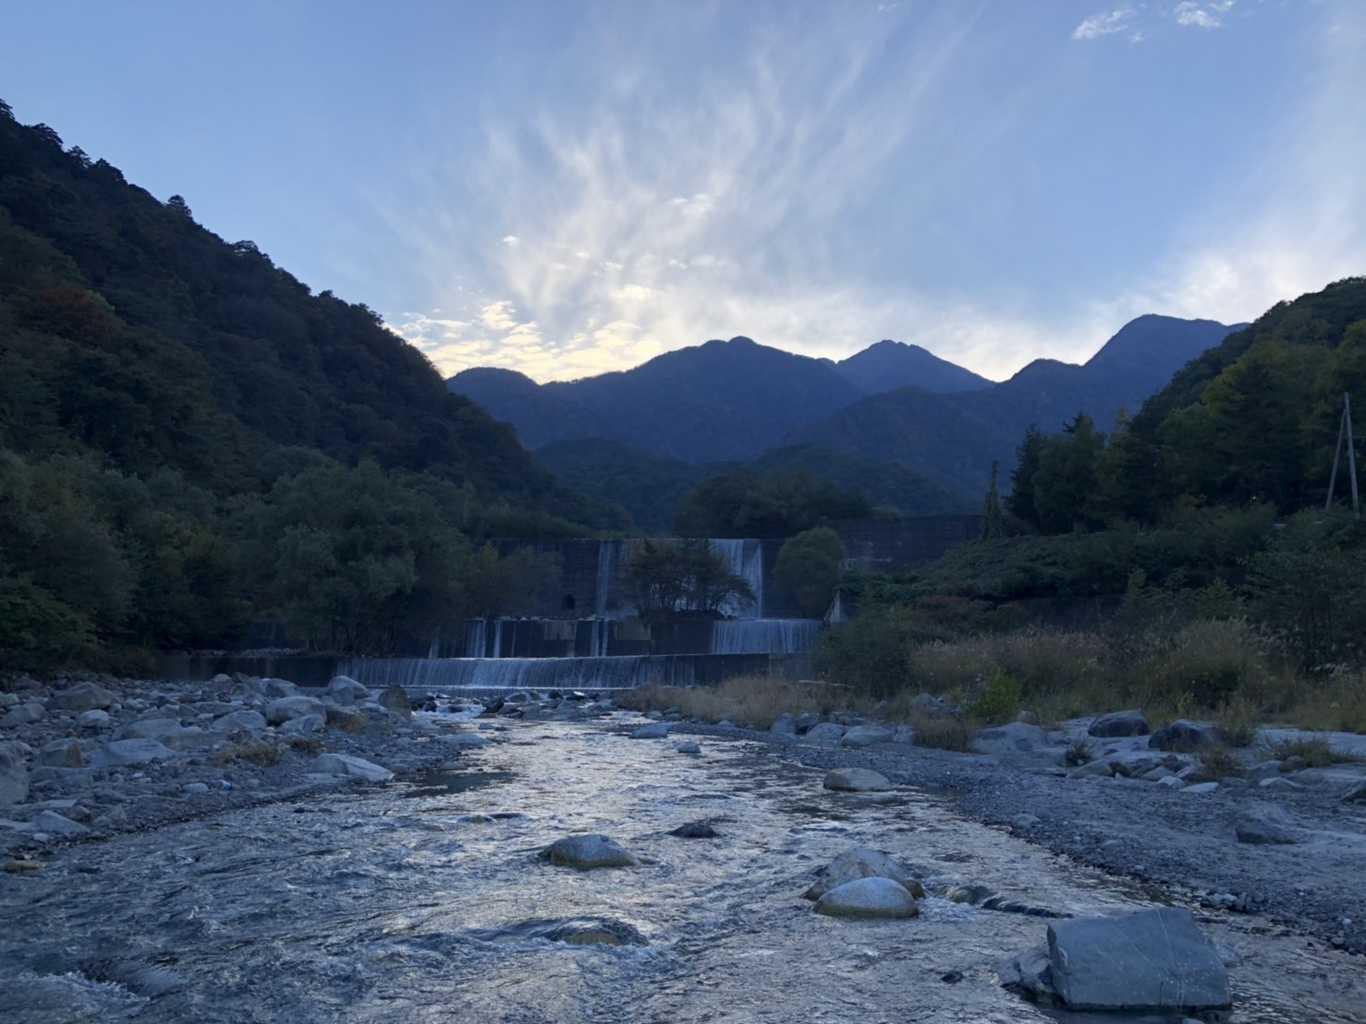 篠沢大滝キャンプ場 の写真p